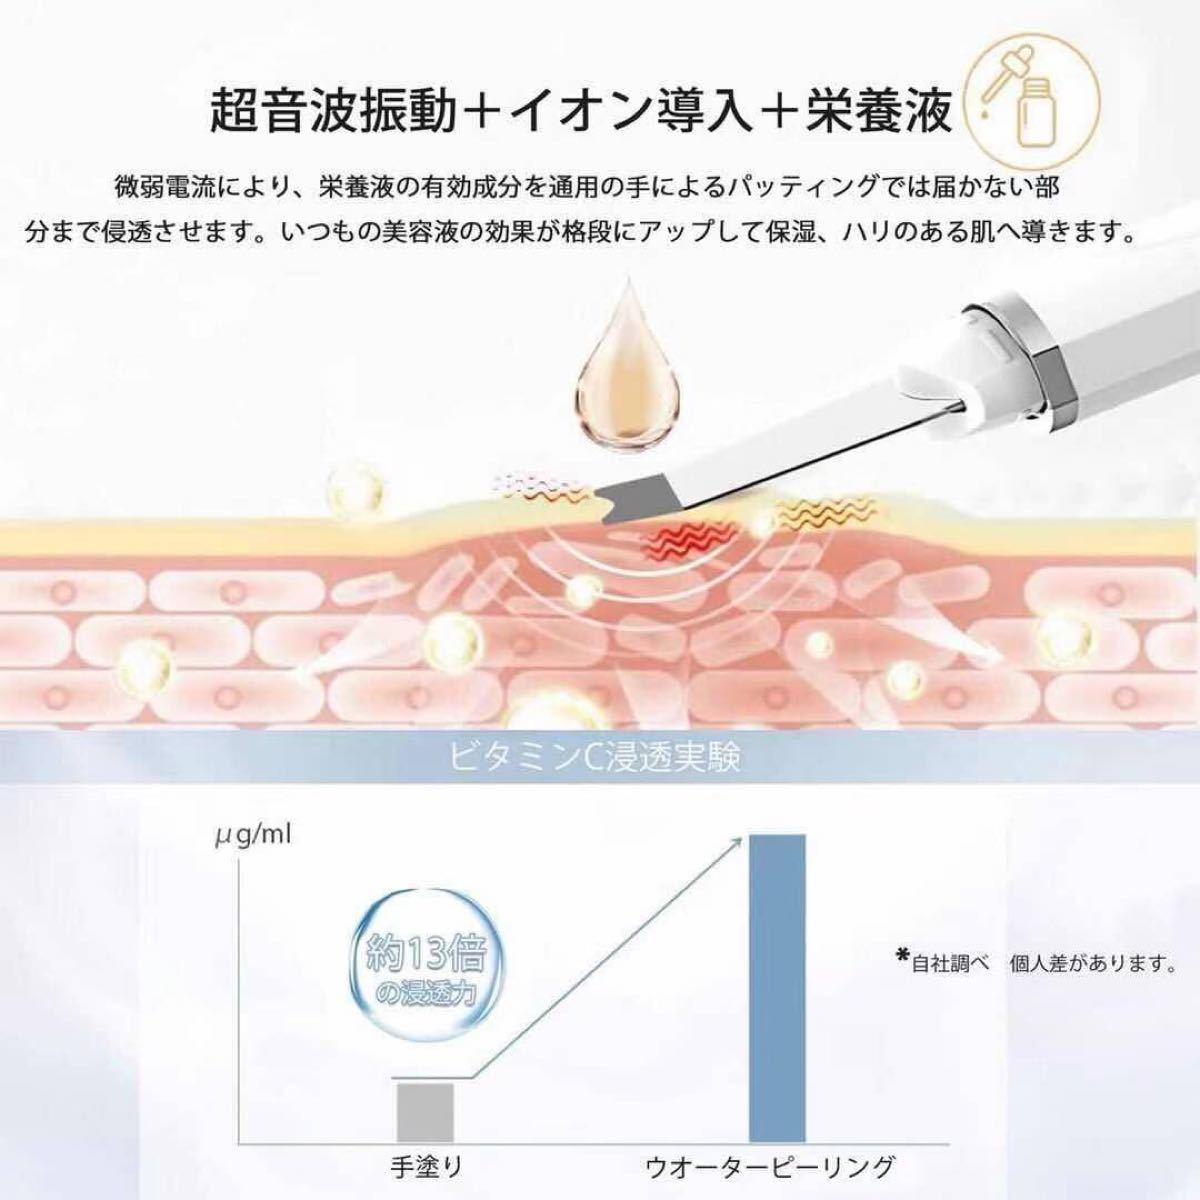 イオン導入 美顔器 ウォーターピーリング 超音波ピーリング 目元ケア 超音波美顔器 スマートピール 振動 超音波 イオン導出